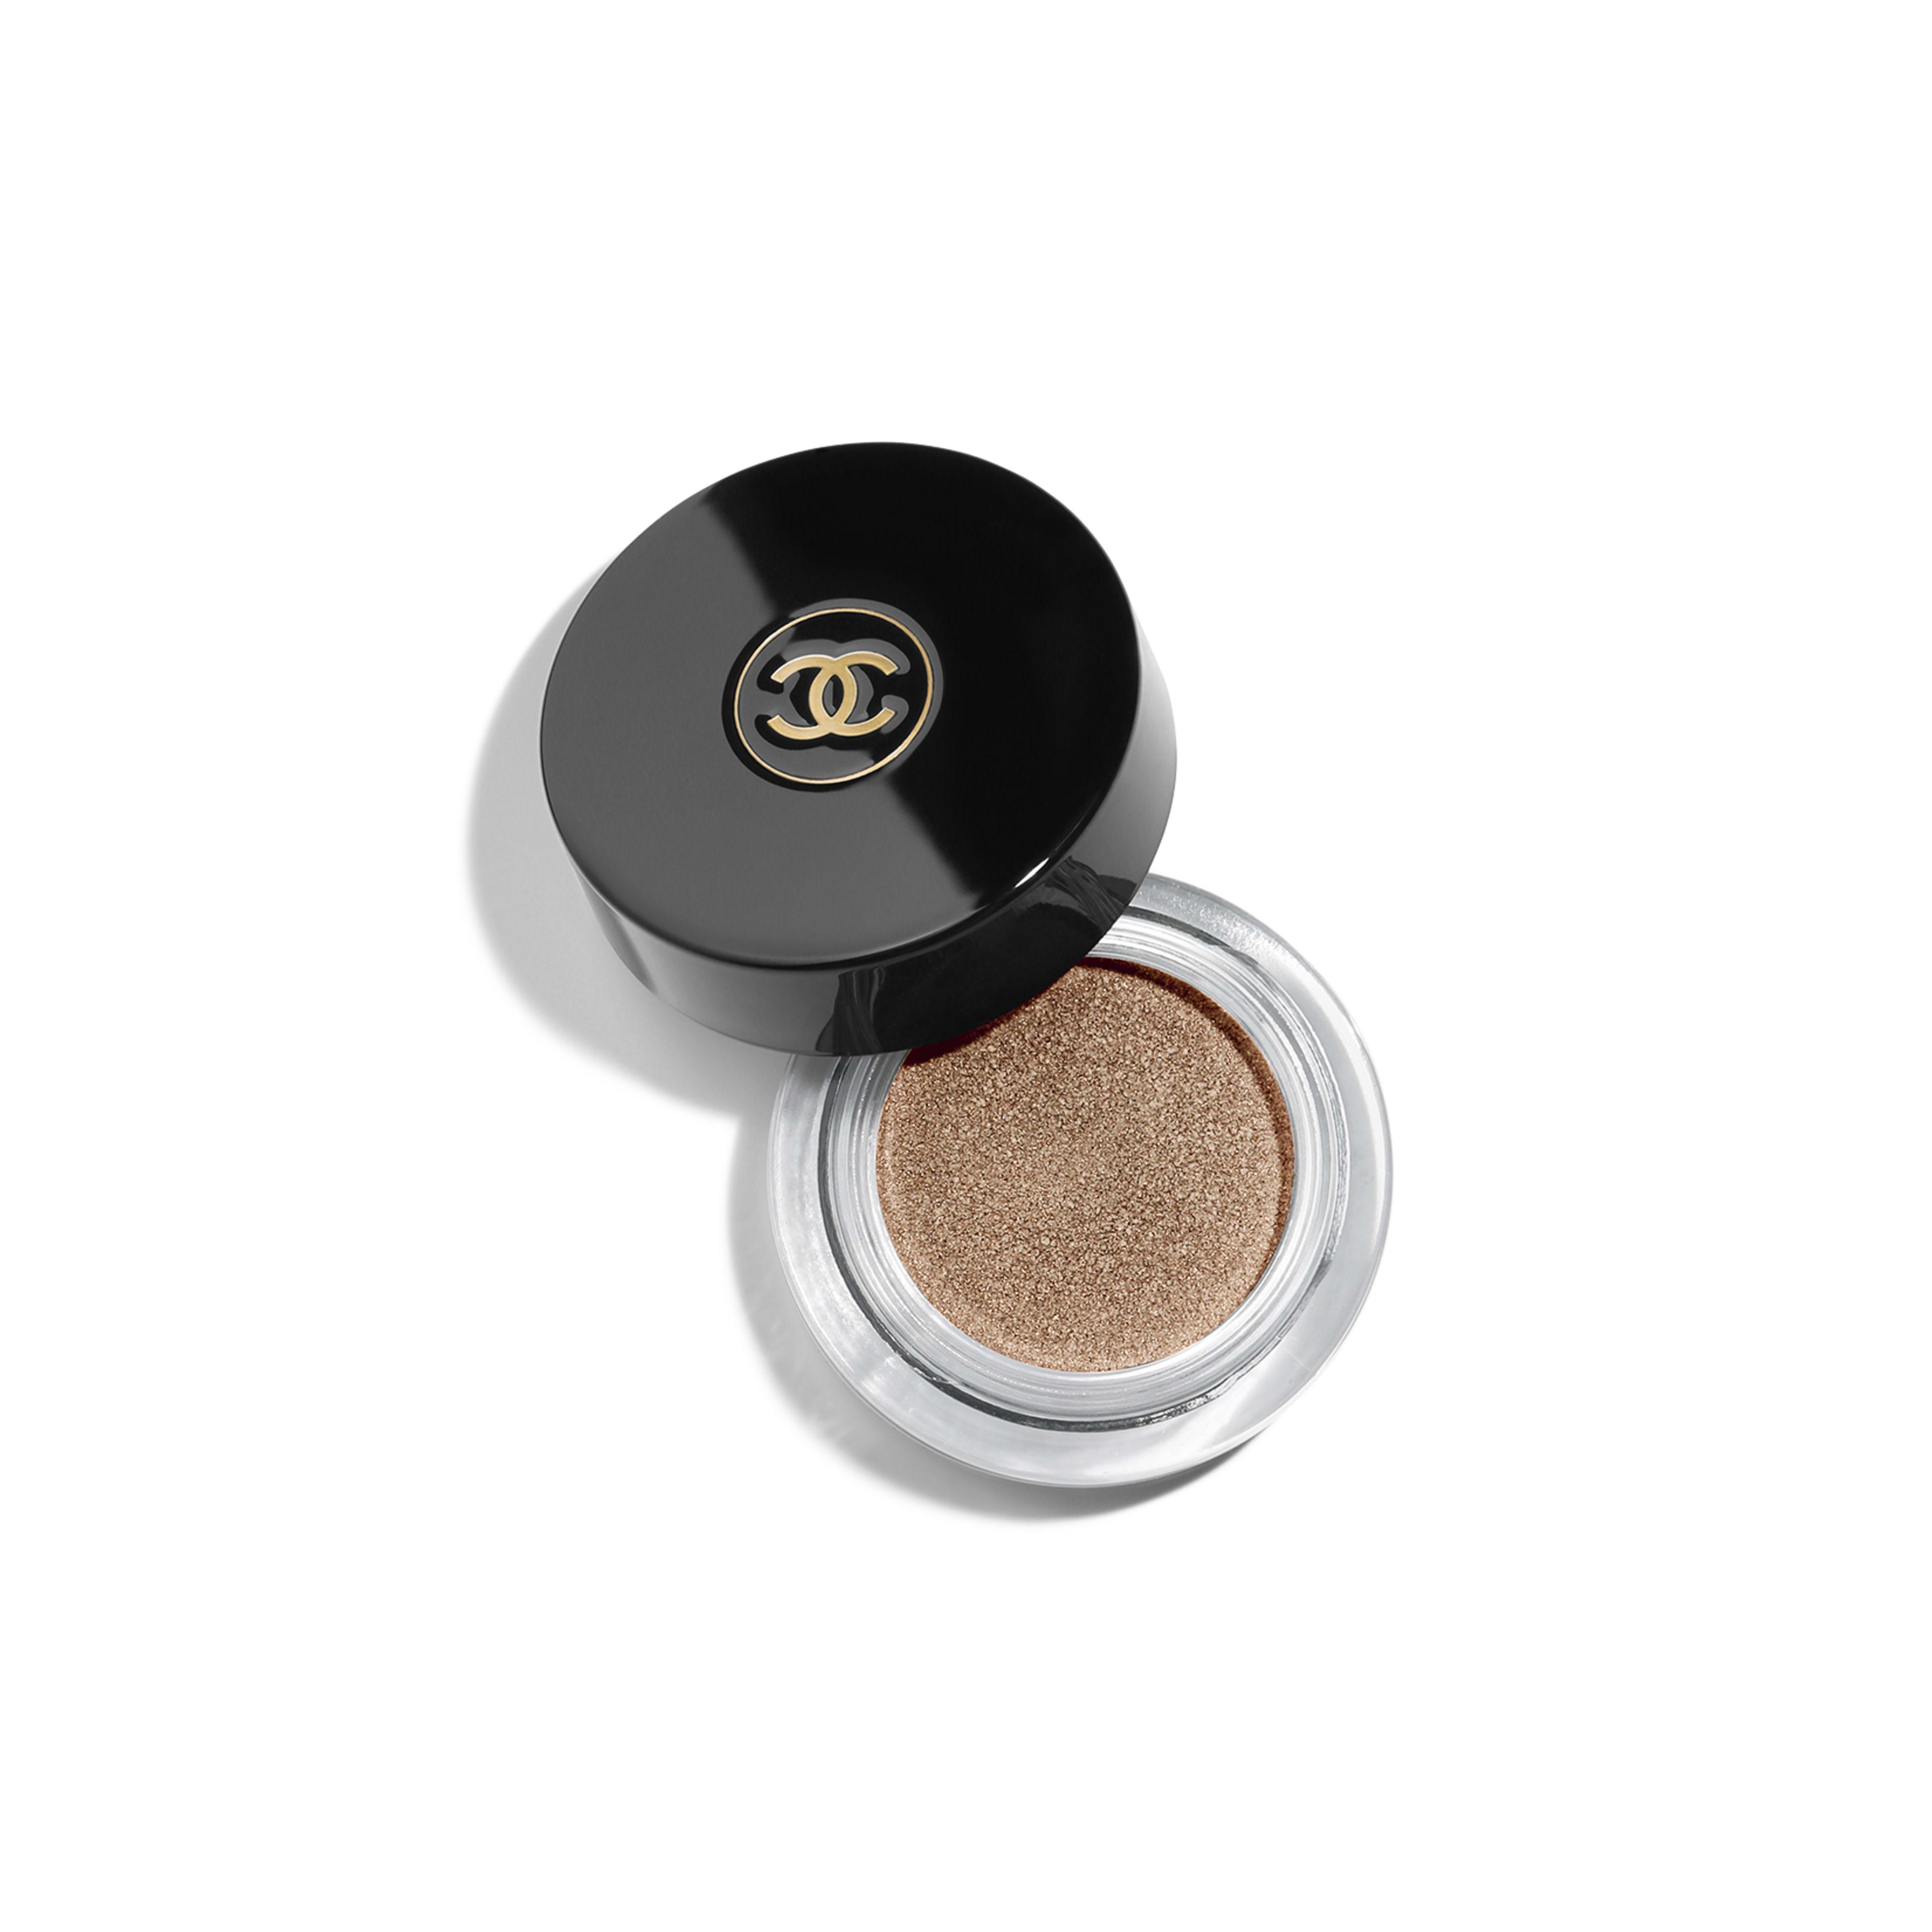 OMBRE PREMIÈRE - makeup - 4g - Вид по умолчанию